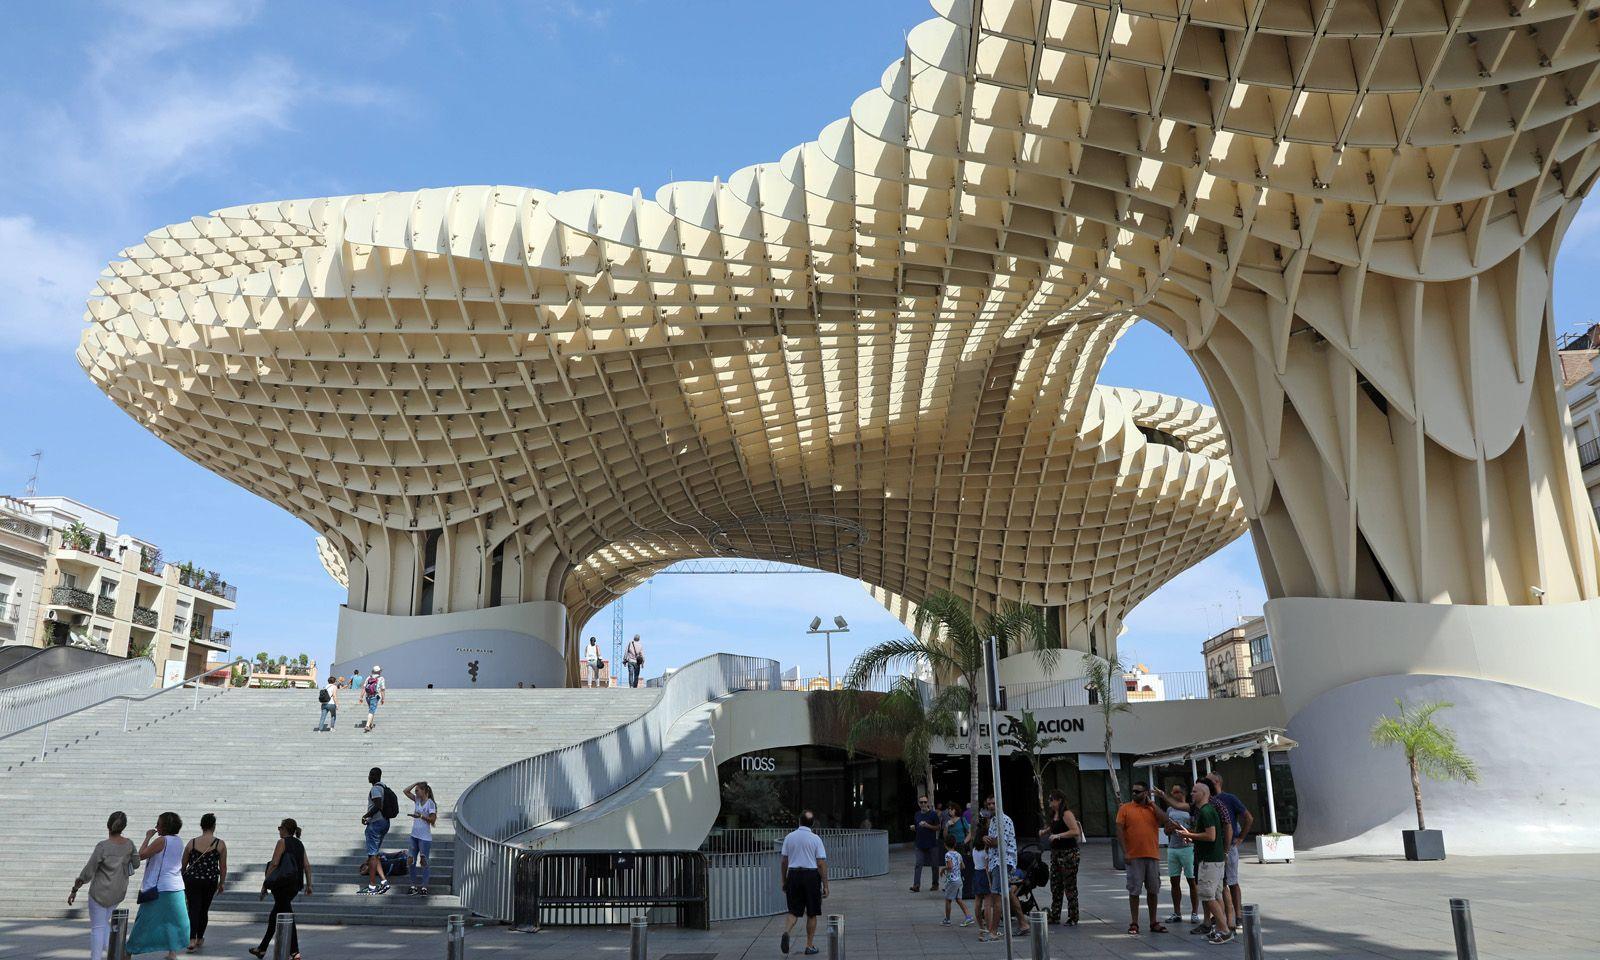 Zeitgenössisches Must-see: Metropol Parasol von Architekt Jürgen Mayer H. auf der Plaza de la Encarnación.